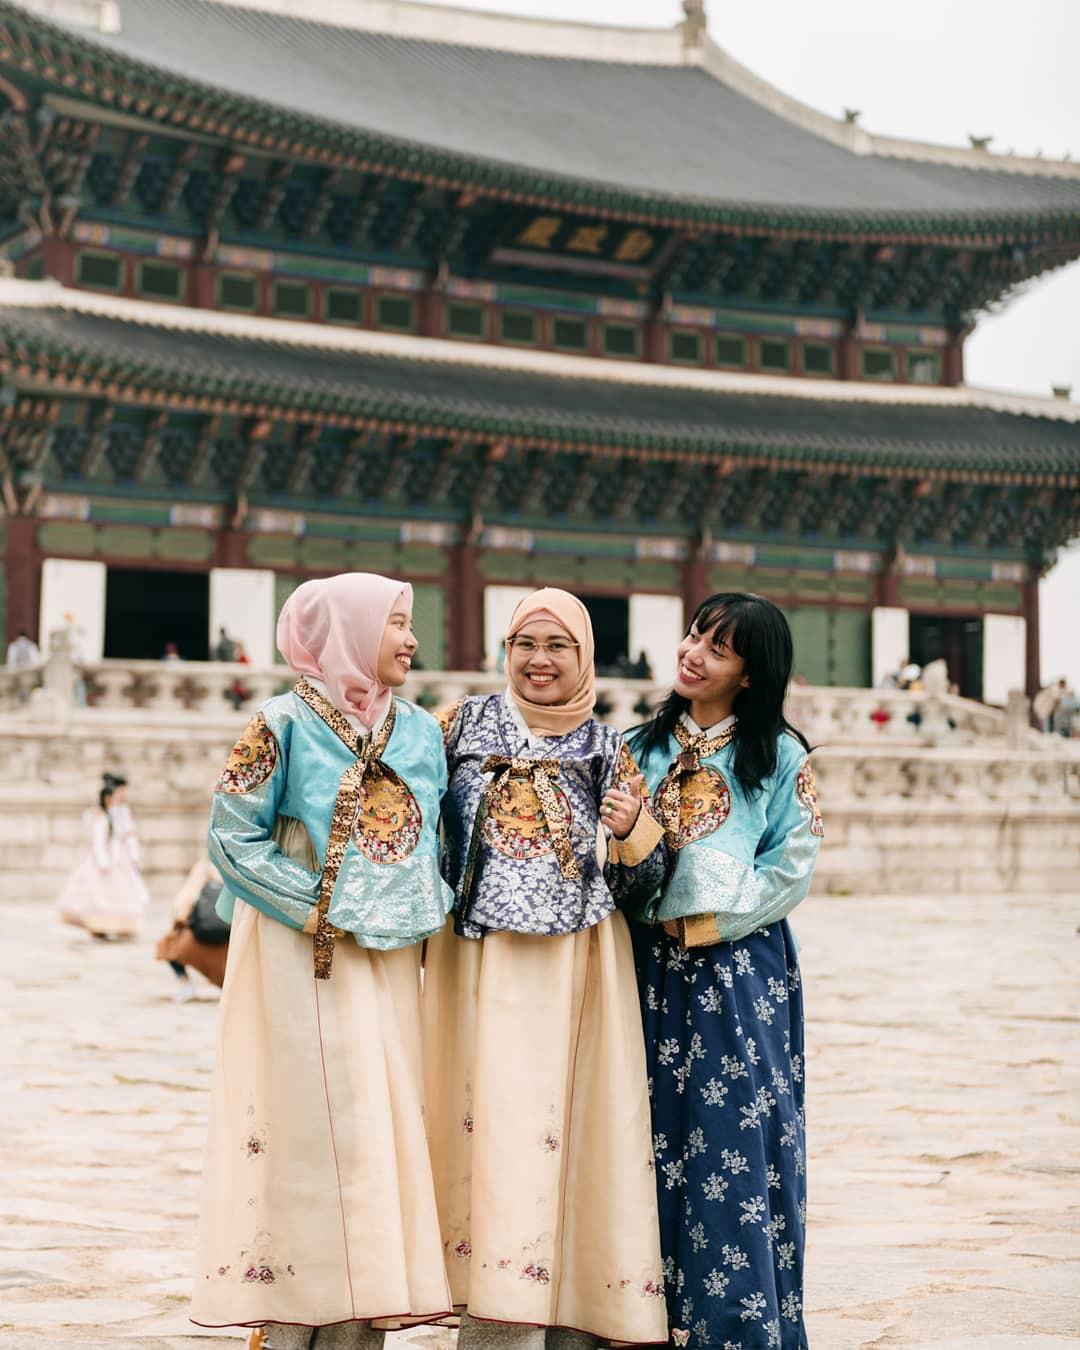 Thong thong khám phá văn hóa truyền thống tại 5 ngôi làng cổ đặc sắc nhất xứ Hàn - Ảnh 6.